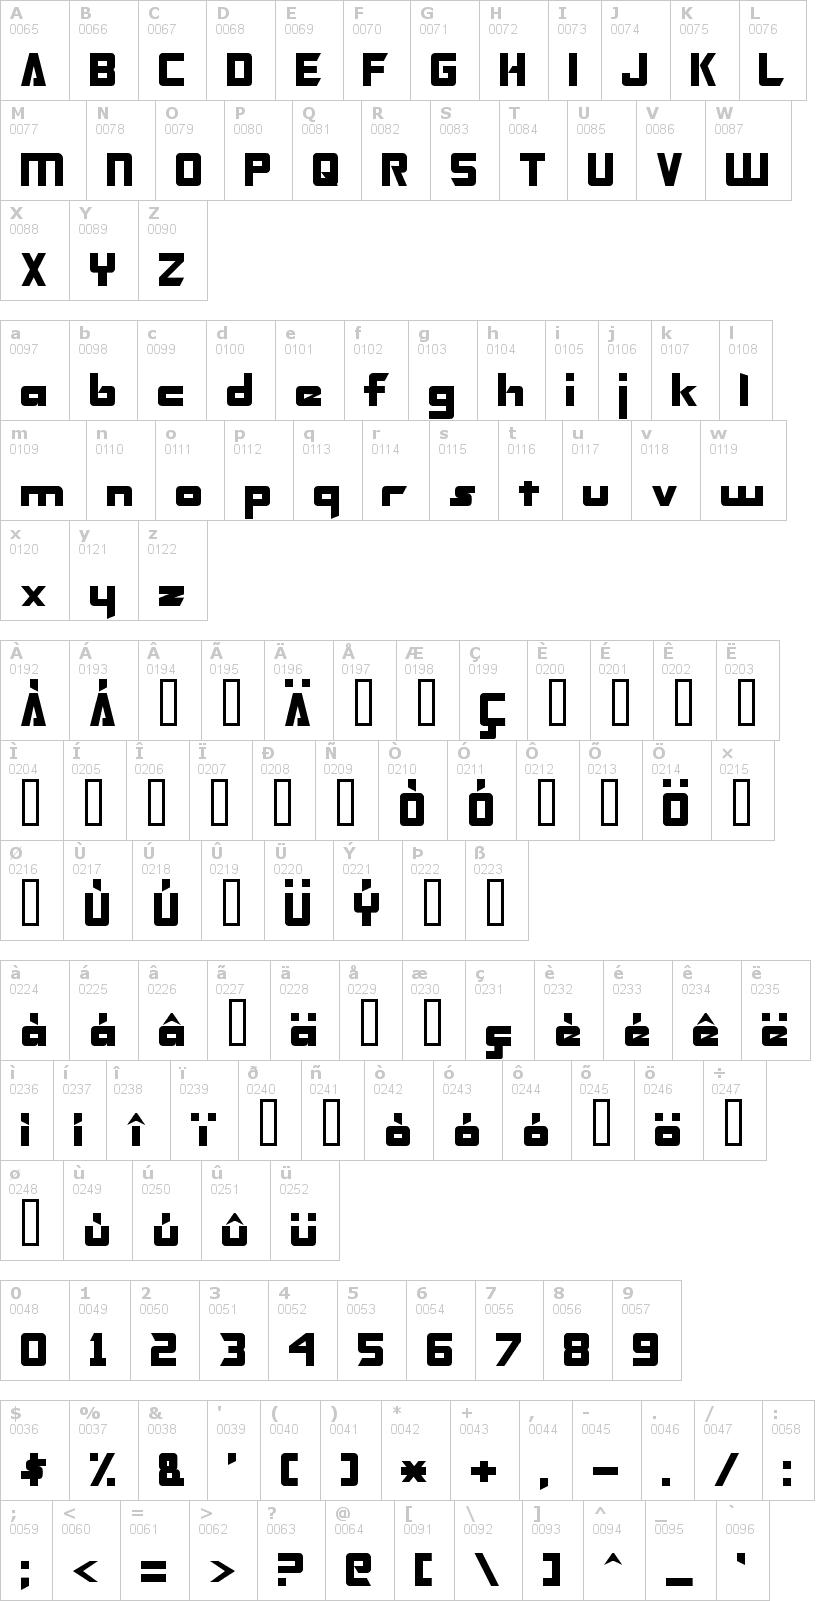 Lettere dell alfabeto del font transformers con le quali è possibile